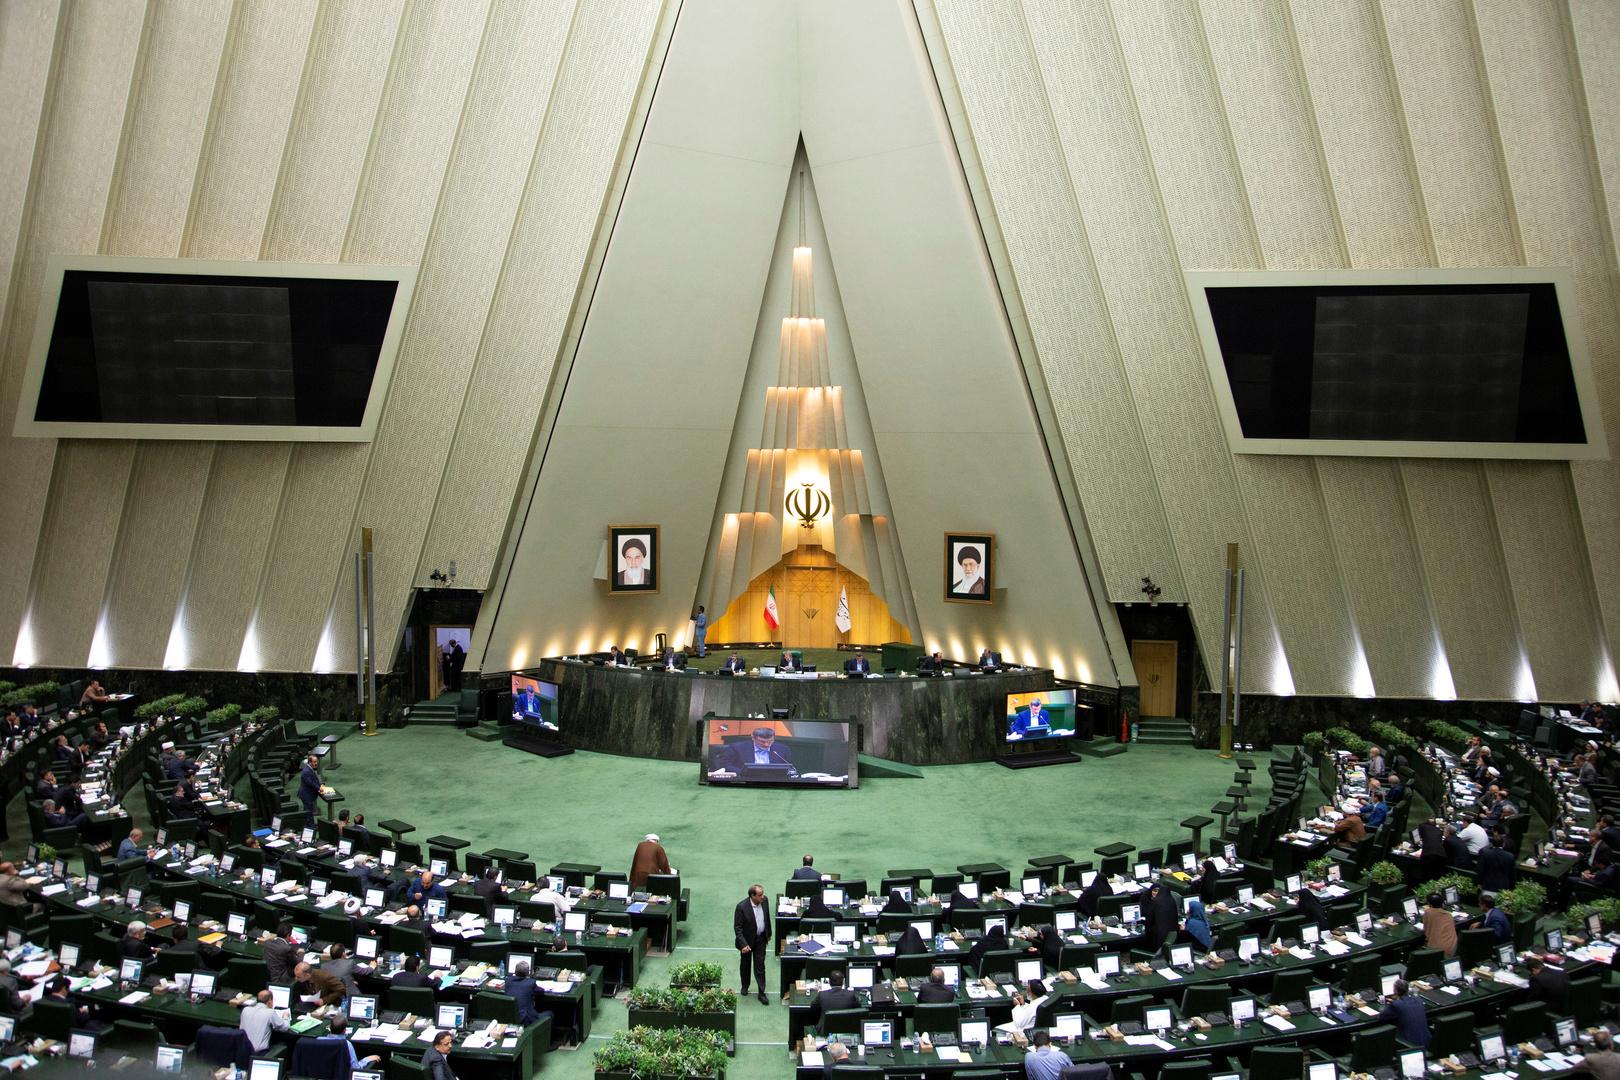 أكثر من 100 نائب في البرلمان يوقعون على مشروع لمساءلة الرئيس الإيراني